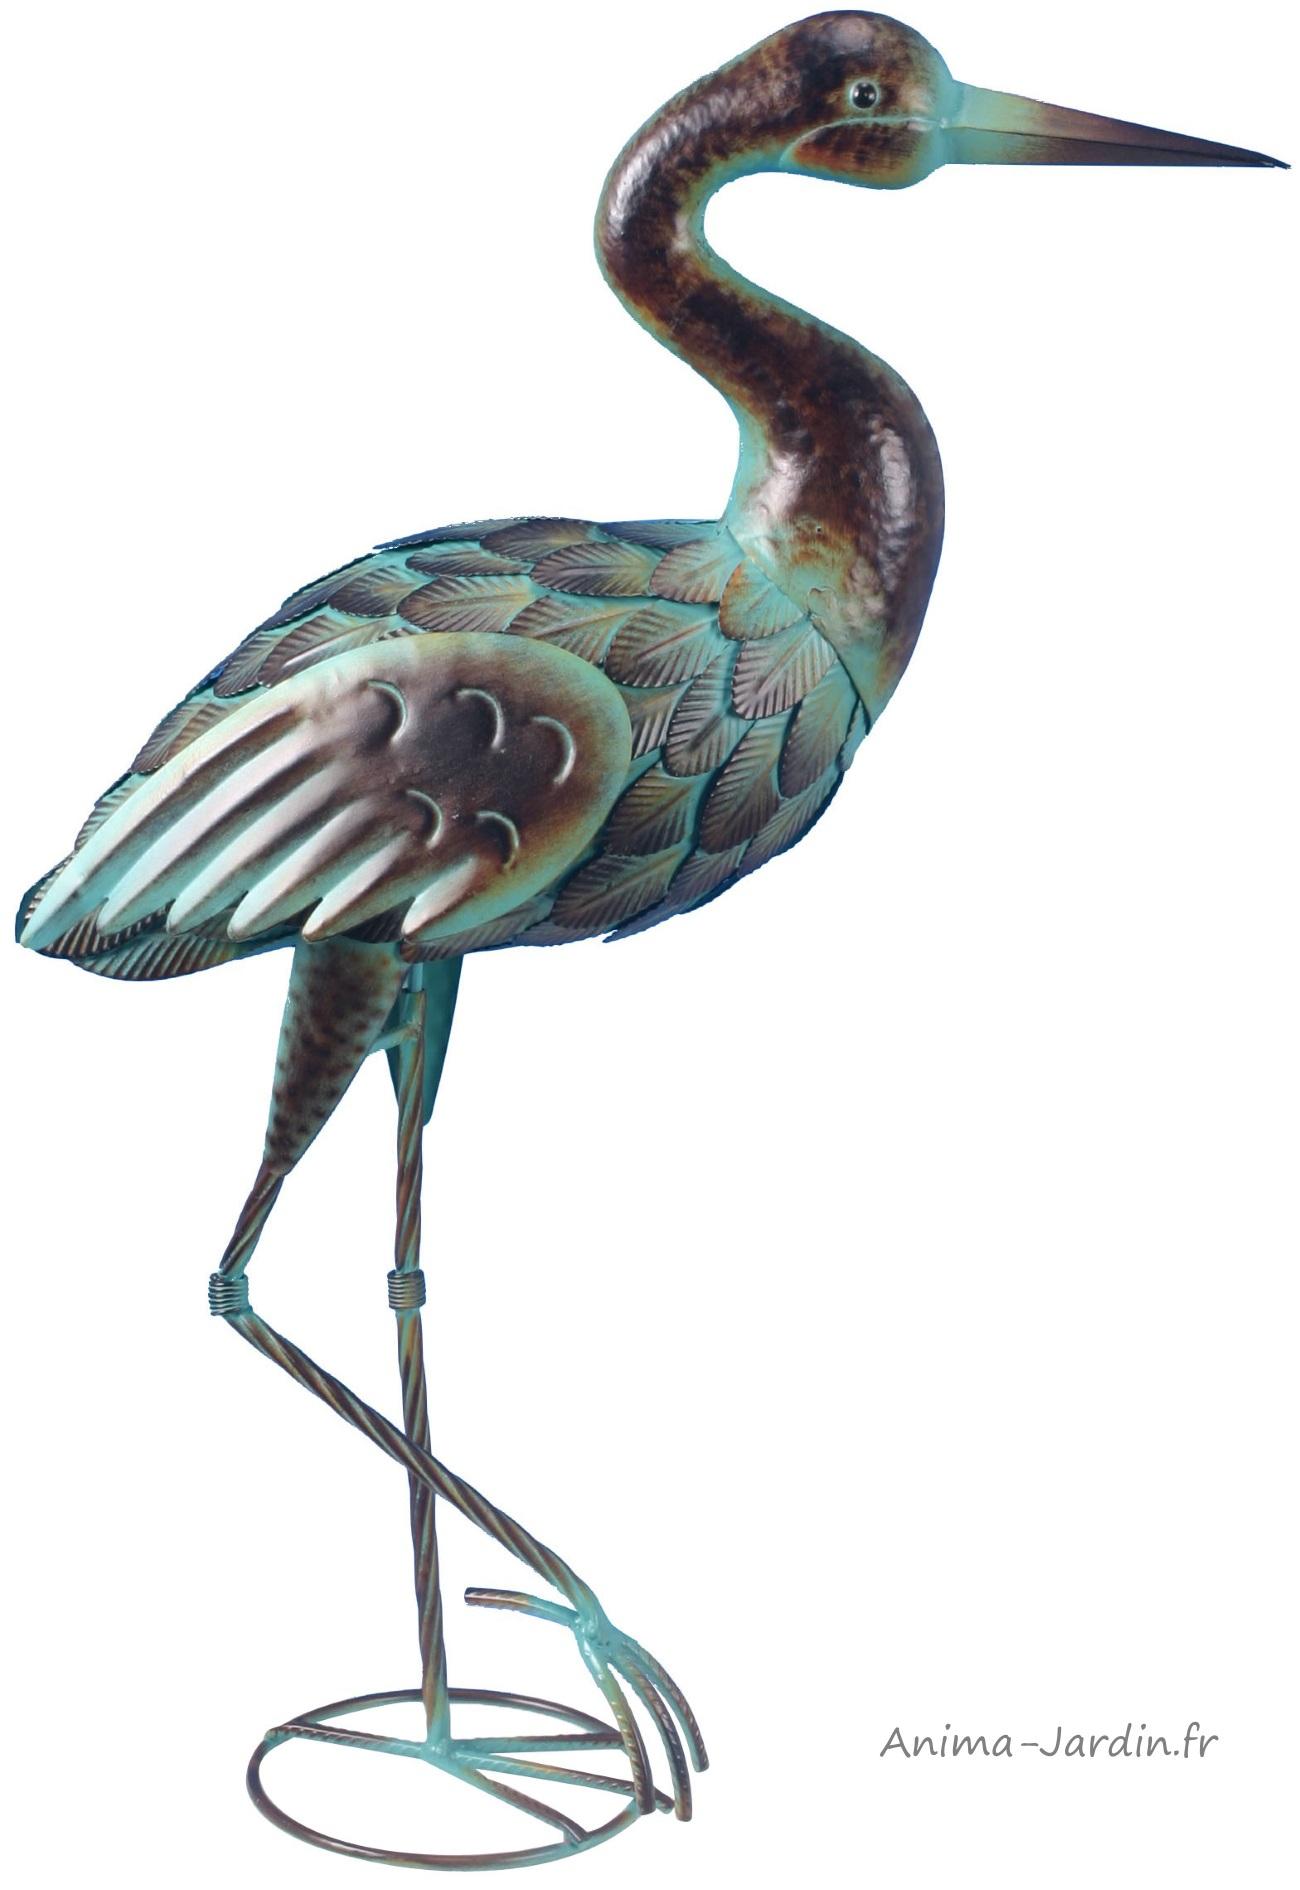 Echassier En Métal, 63 Cm, Déco De Jardin, Riviera, Achat, Oiseau, Animal dedans Animaux Fer Forgé Jardin